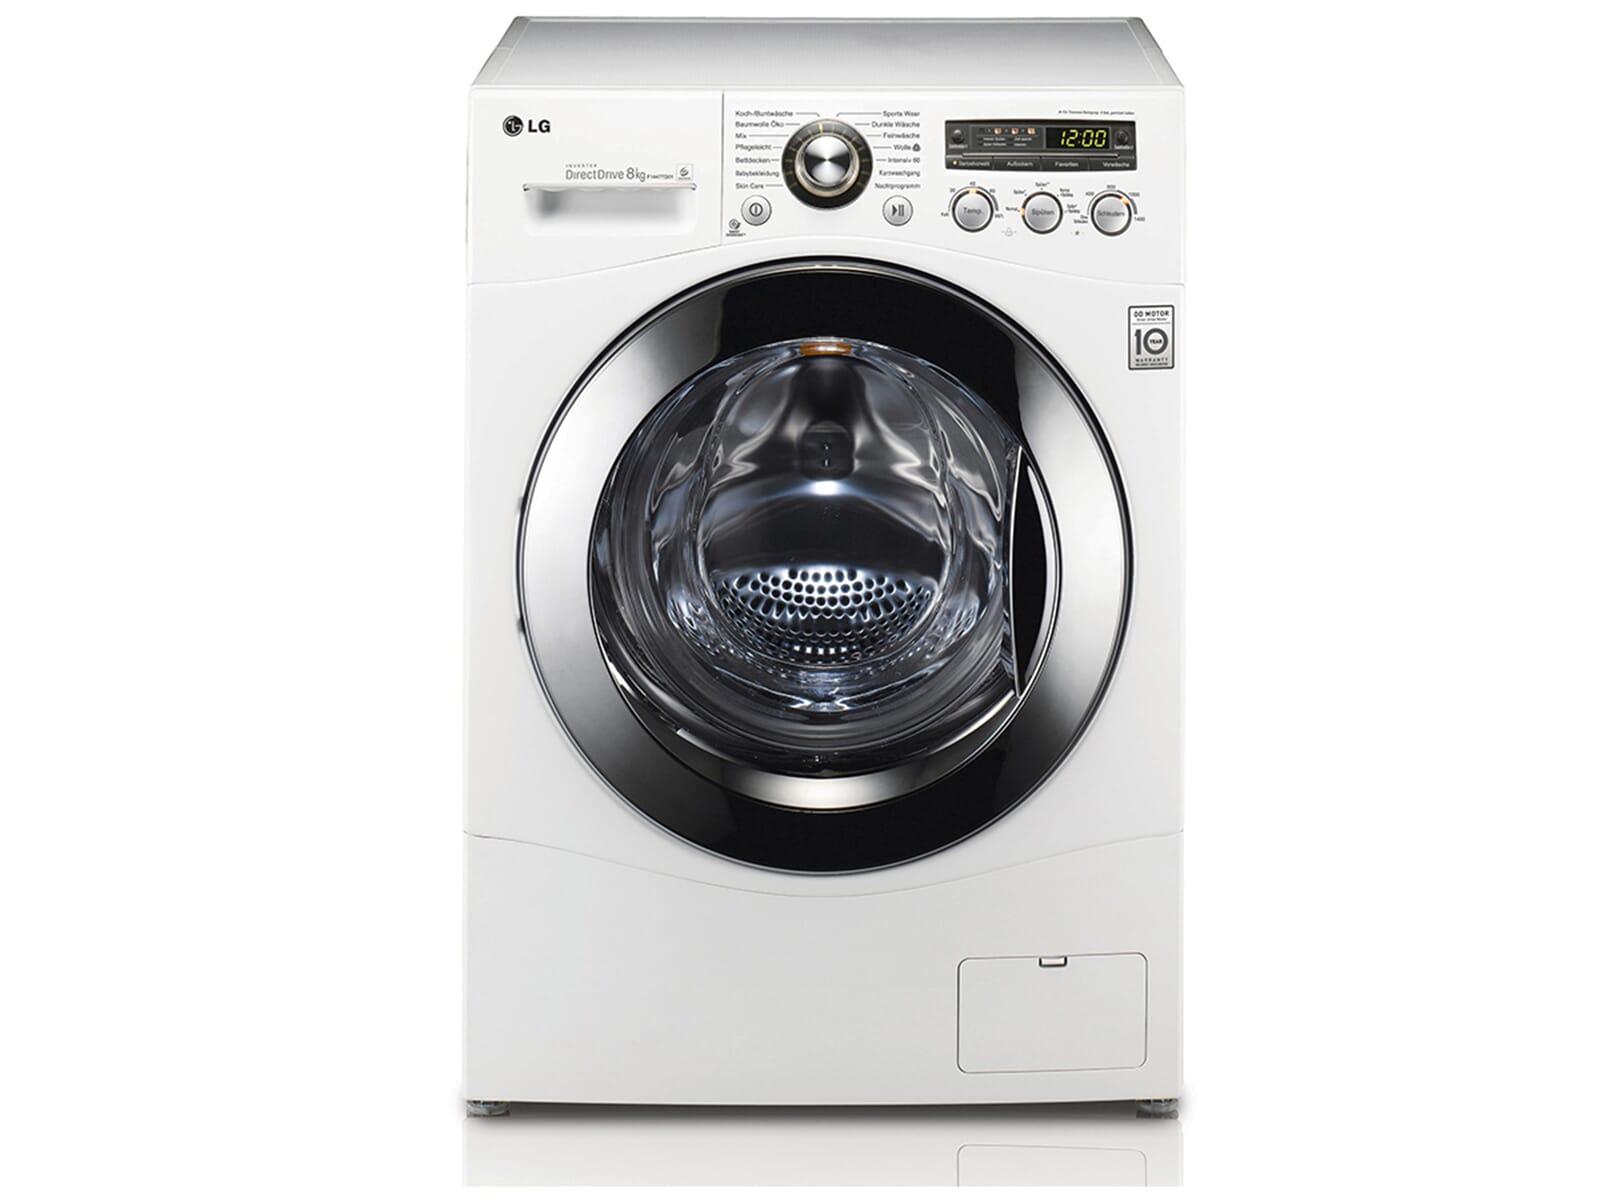 lg f 1447 td01 stand waschmaschine wei a freistehend energiesparend 8kg ebay. Black Bedroom Furniture Sets. Home Design Ideas